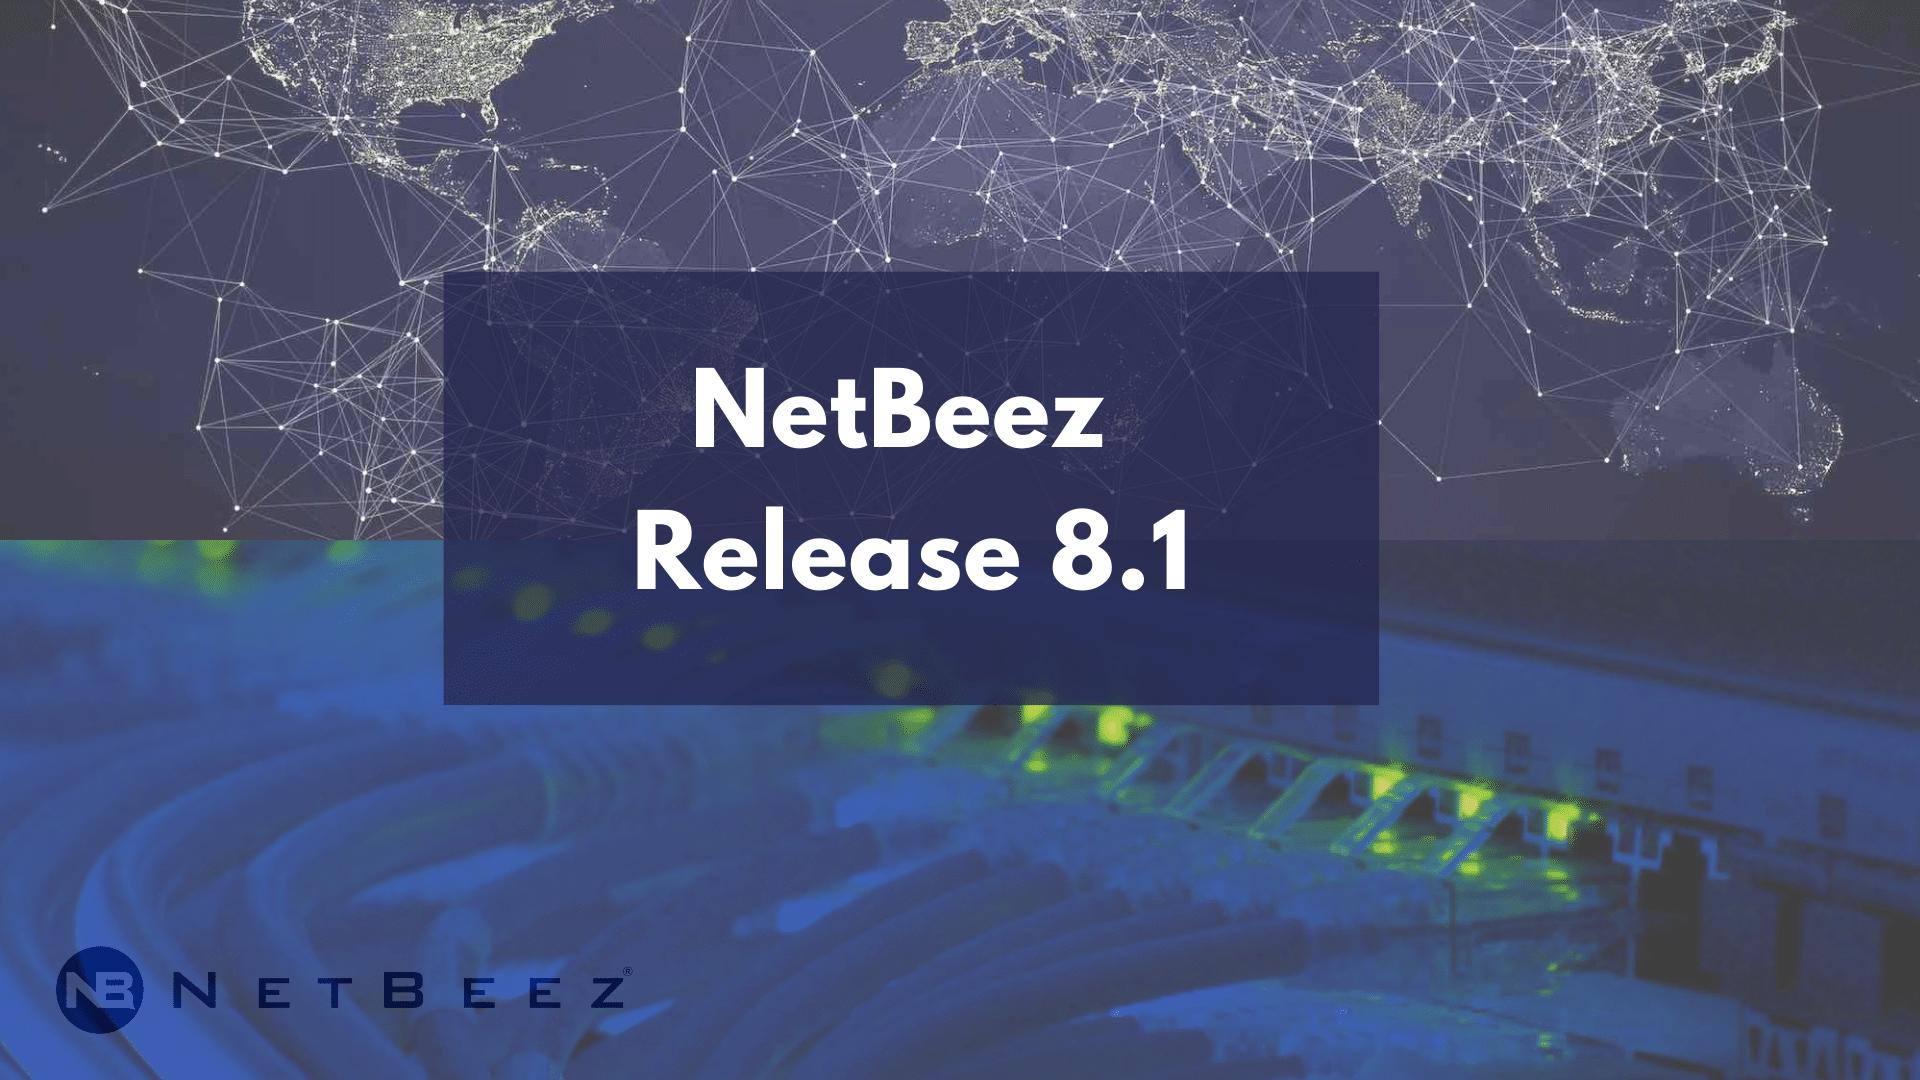 netbeez release 8.1